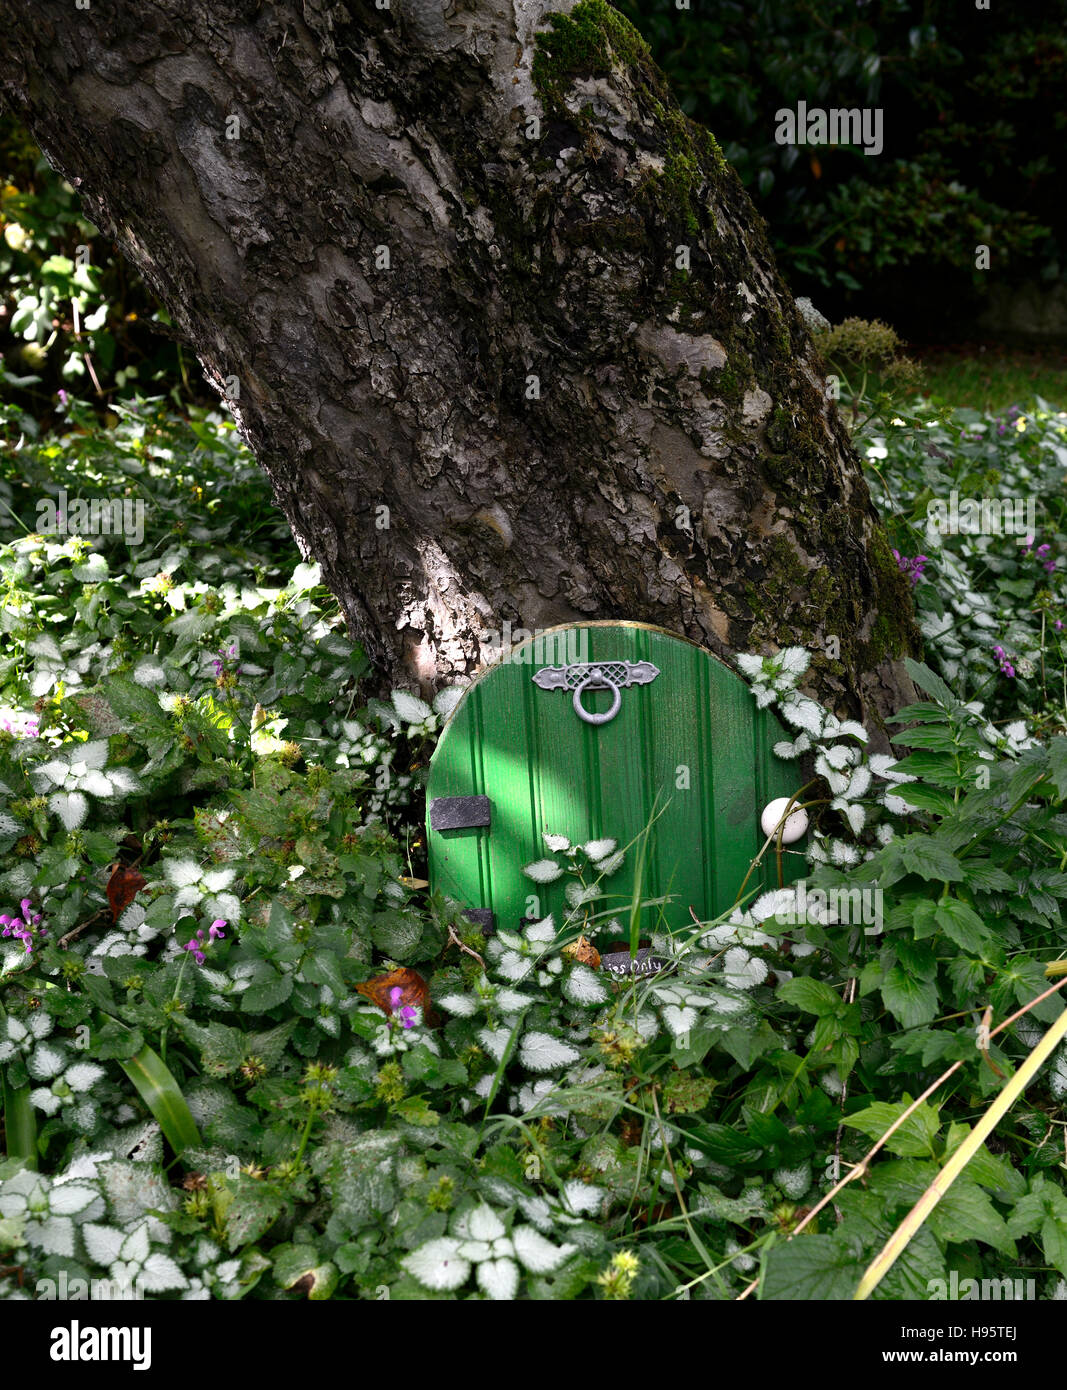 Fee Tür Haus Baum Basis Garten Dekoration Dekorieren Miniatur Zwerg